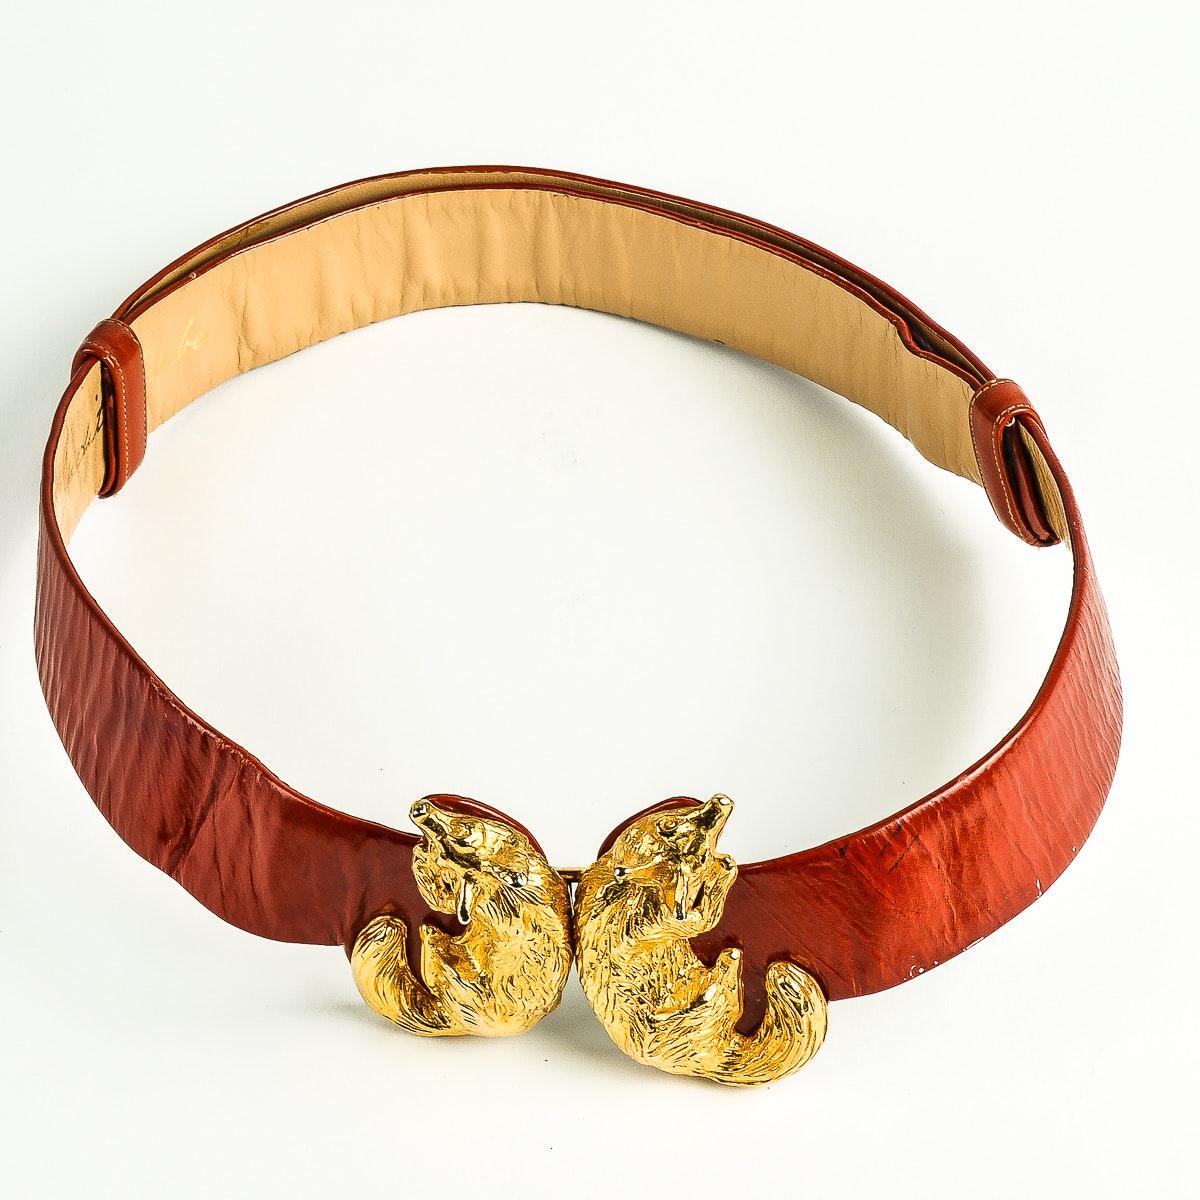 Vintage Judith Leiber Red Leather Belt